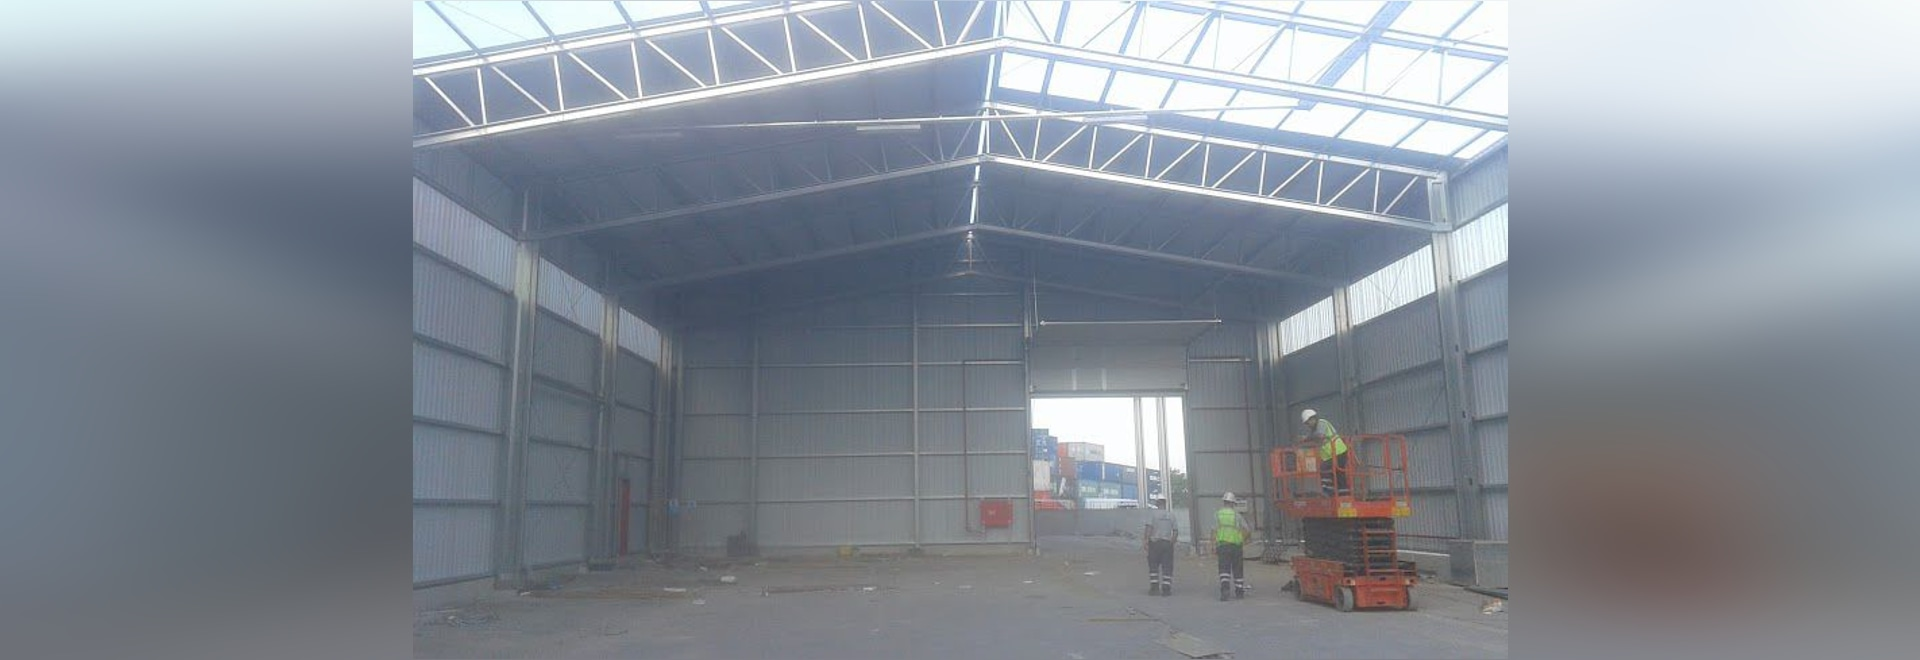 NUEVO: estructura de acero para los edificios industriales por las ...